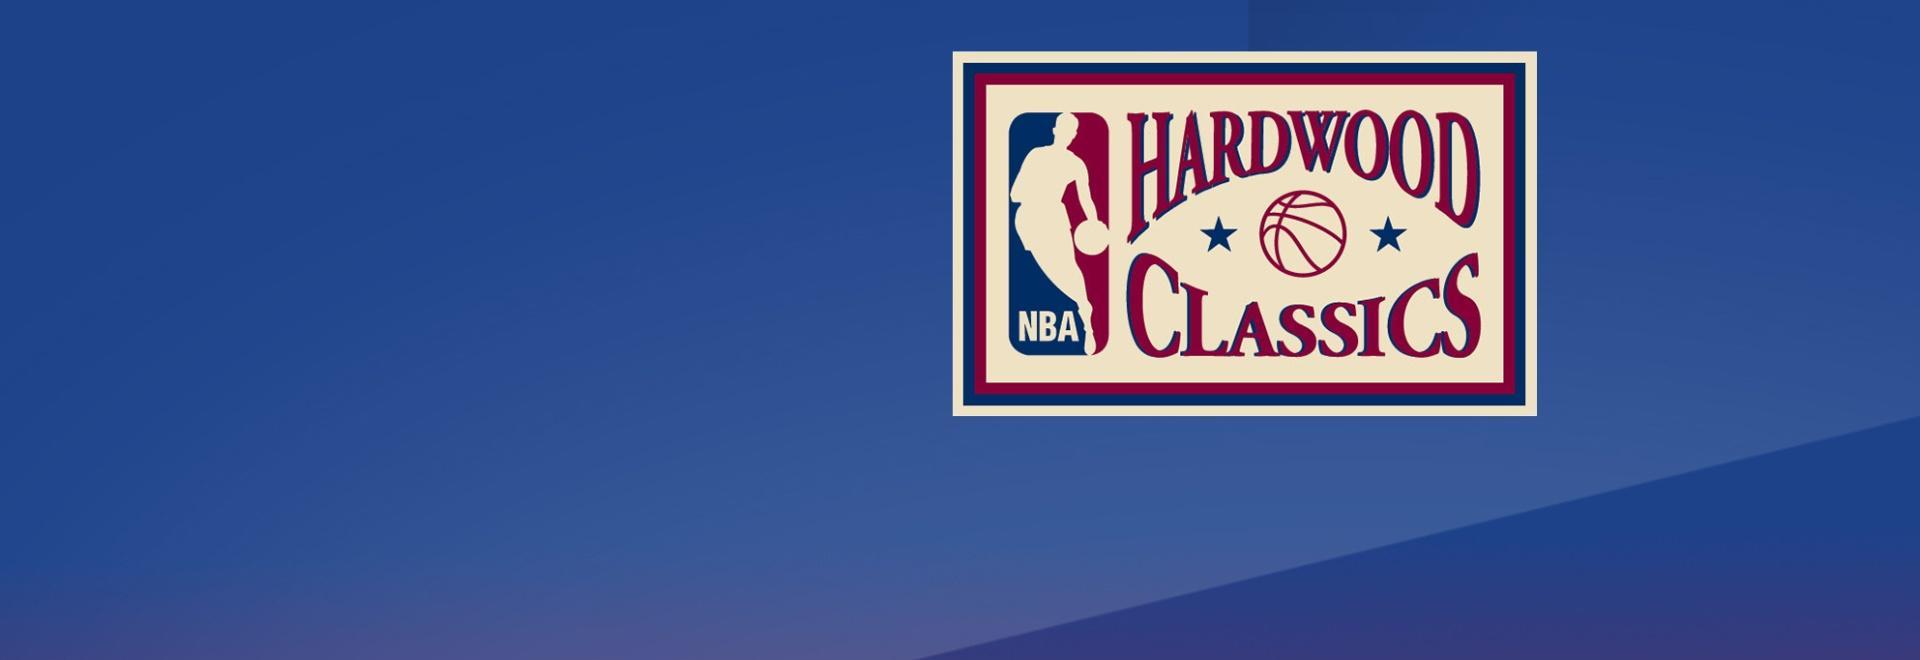 Nets - Knicks 25/12/84. King Scores 60